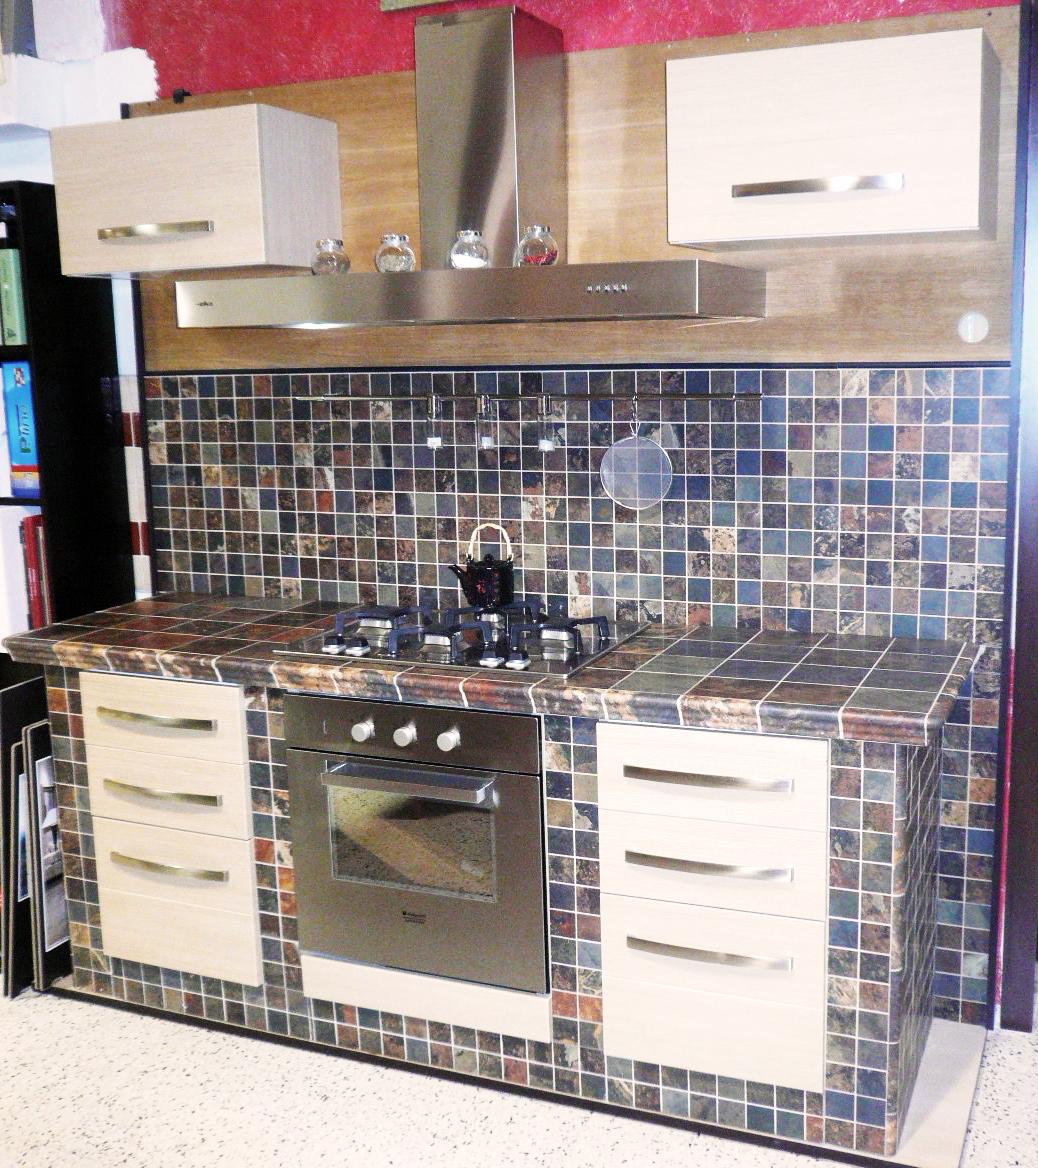 Esempi di cucine in muratura simple great immagini di for Esempi di cucine in muratura